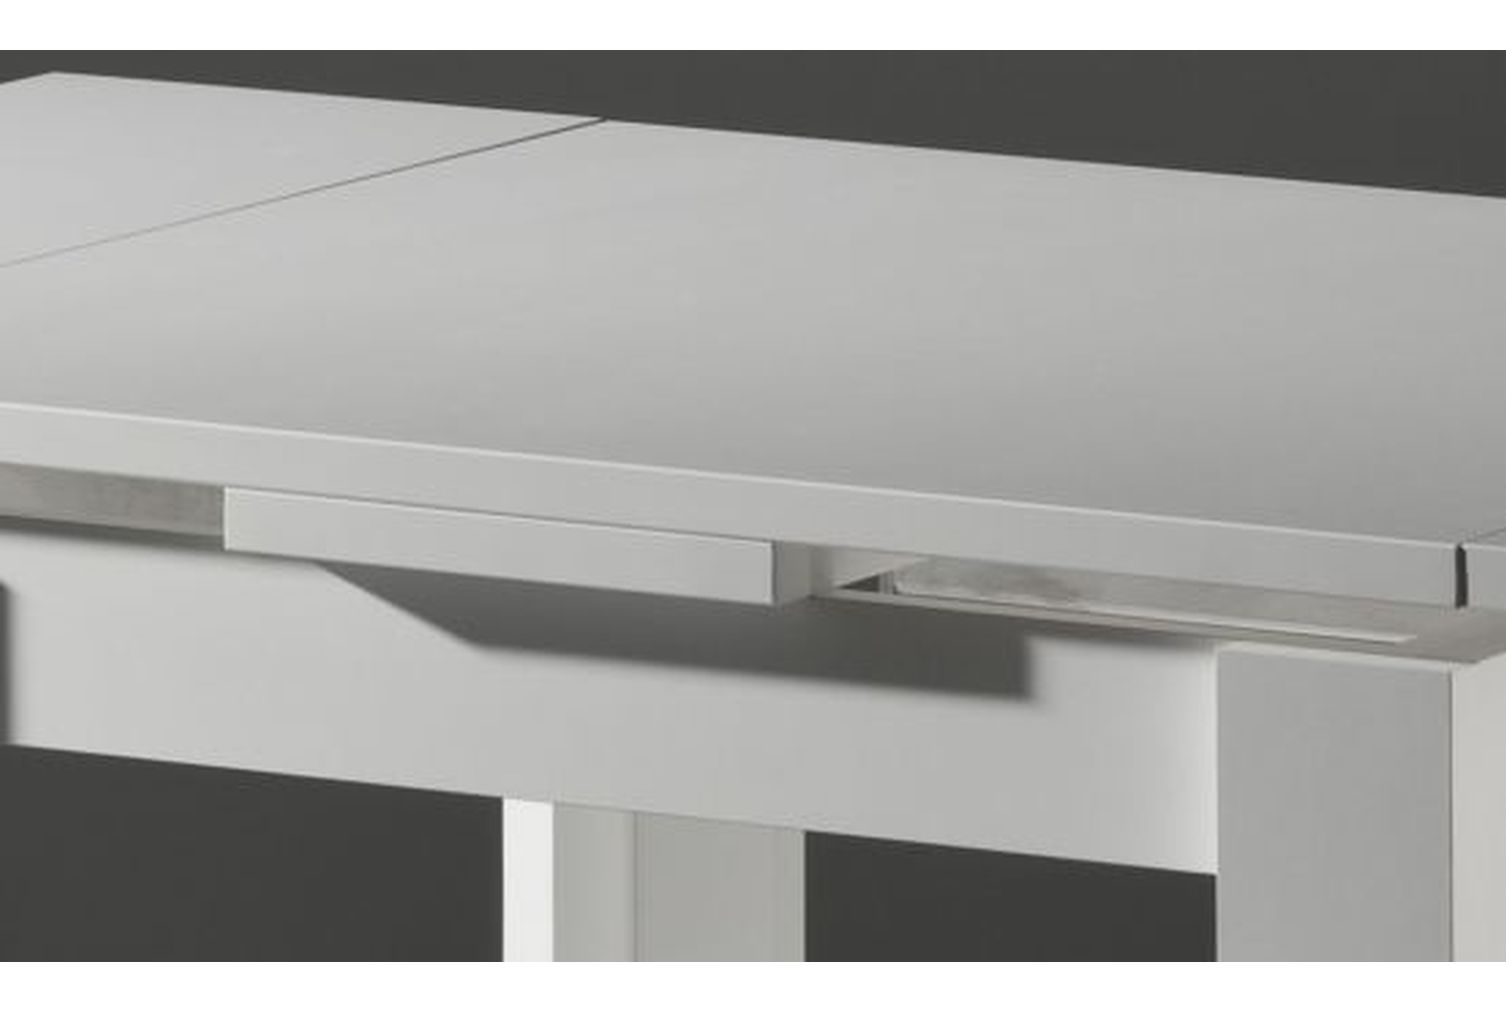 esstisch klein ausziehbar erweiterbar weiss neu modern. Black Bedroom Furniture Sets. Home Design Ideas